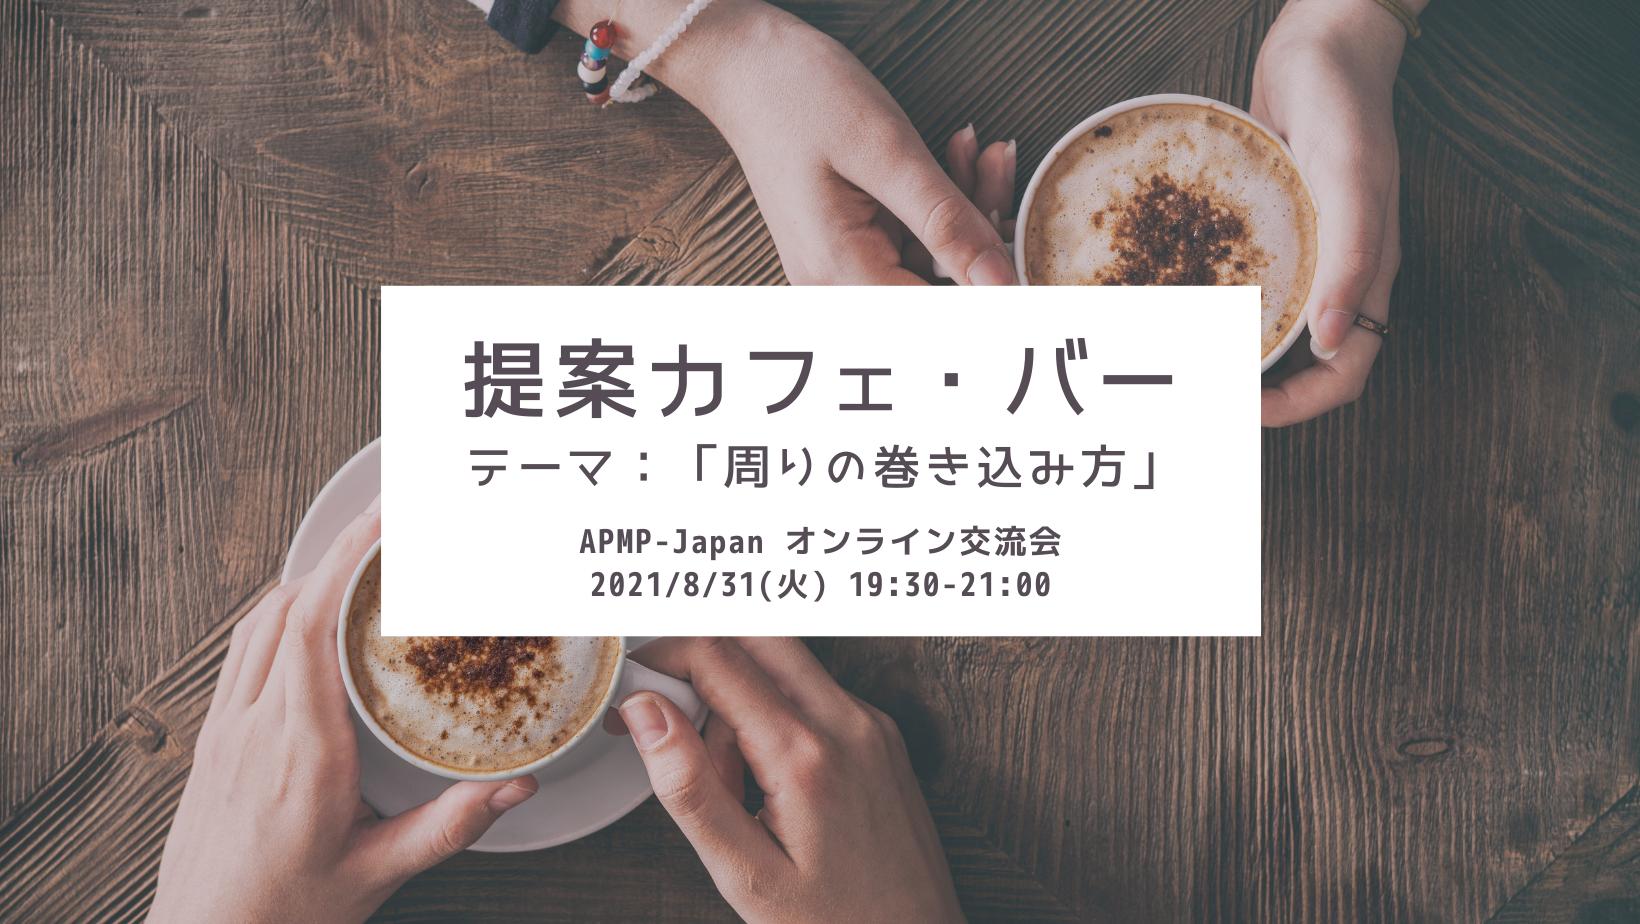 2021年8月31日(火)19:30~/提案カフェ・バー「周りの巻き込み方」